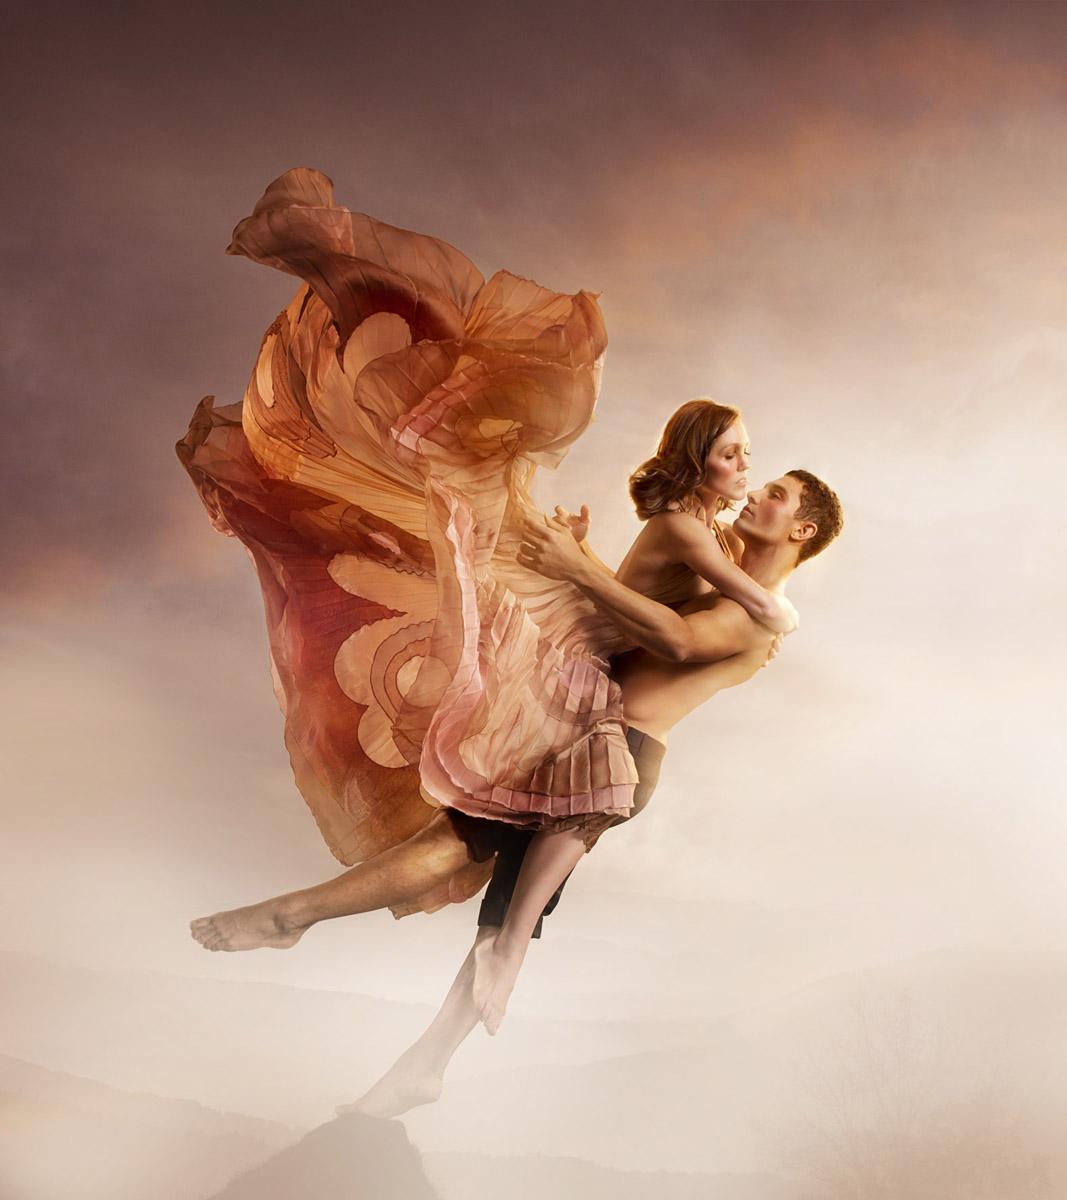 Dancers: Sarah Kingston & Yadil Suarez